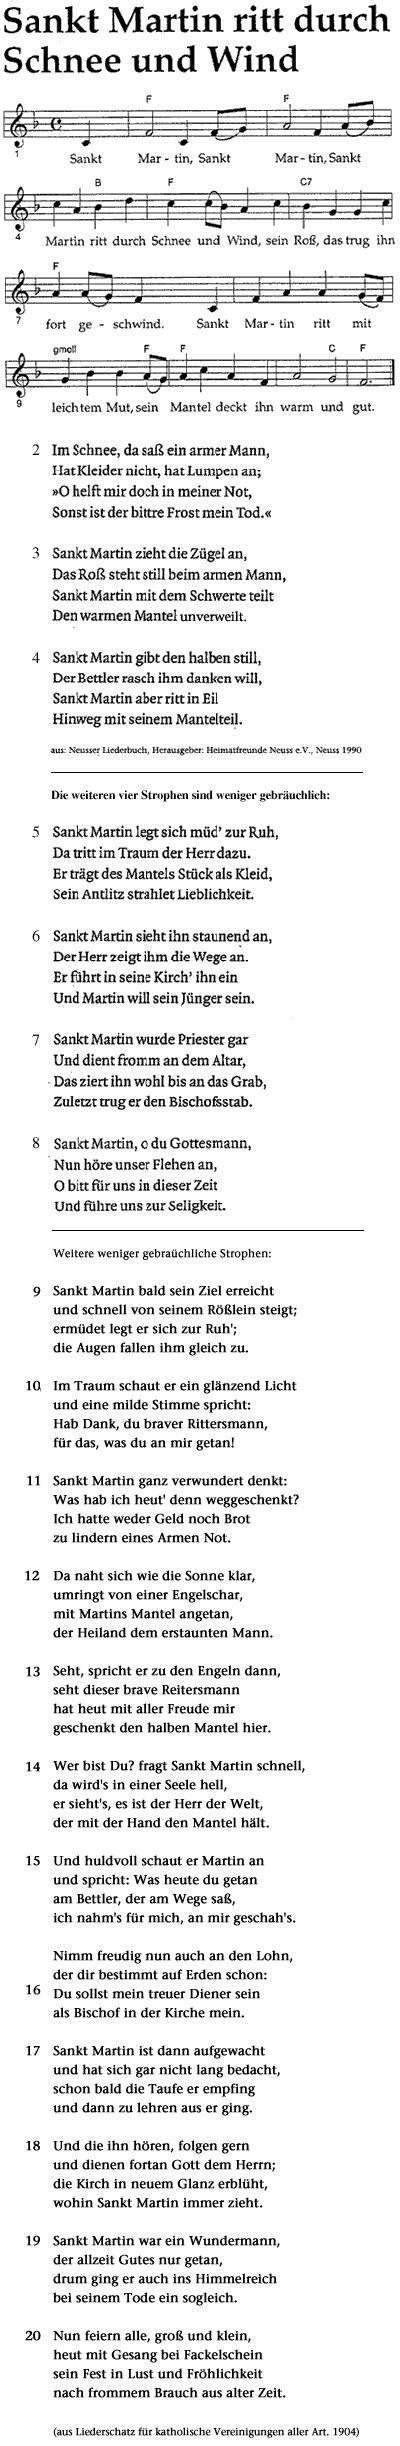 Sankt Martin (St. Martin), Heiliger Martin von Tours/Lieder/Sankt Martin ritt durch Schnee und Wind